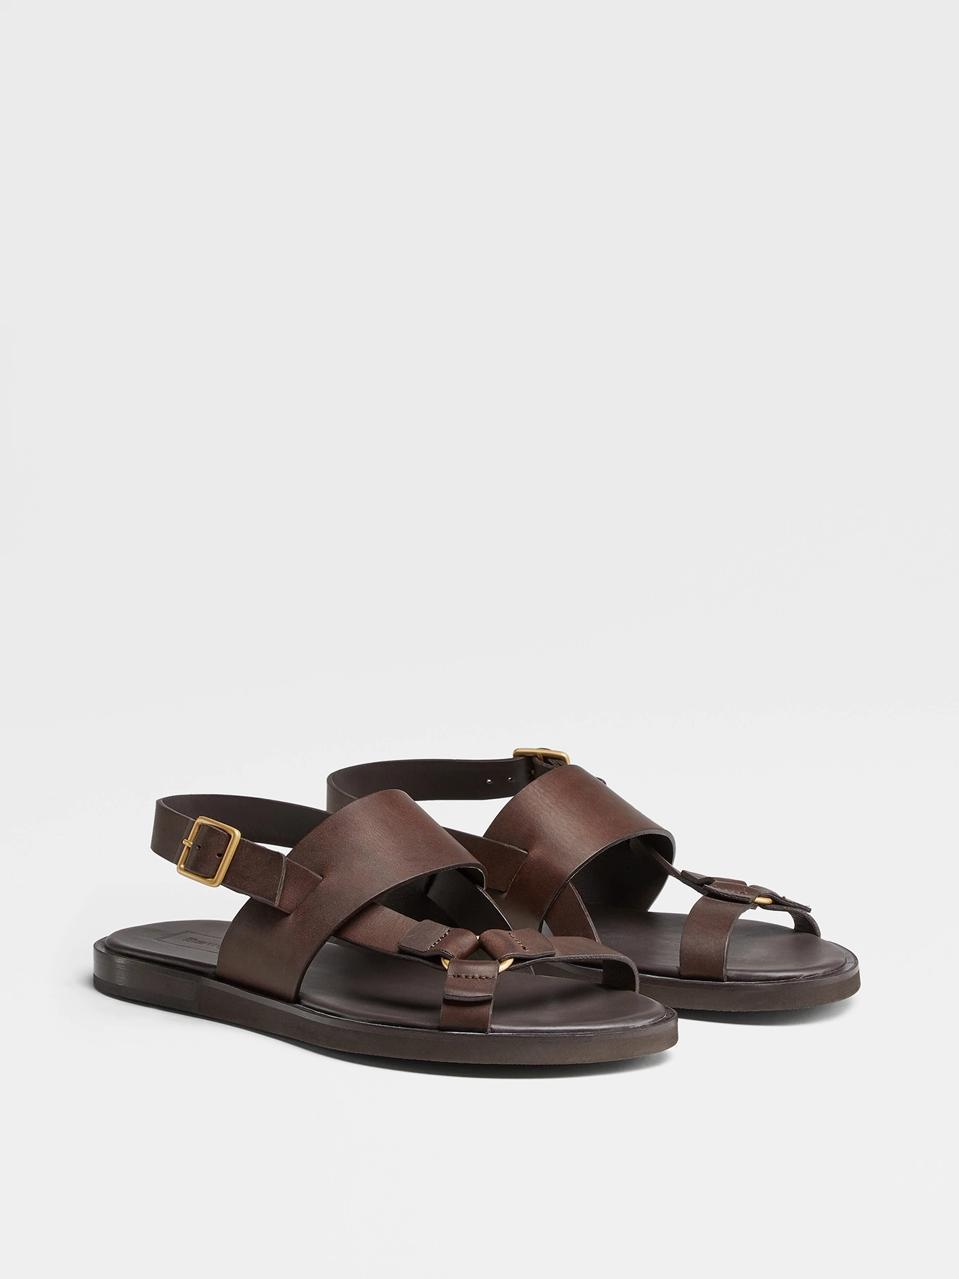 Ermenegildo Zegna Calfskin Sandals